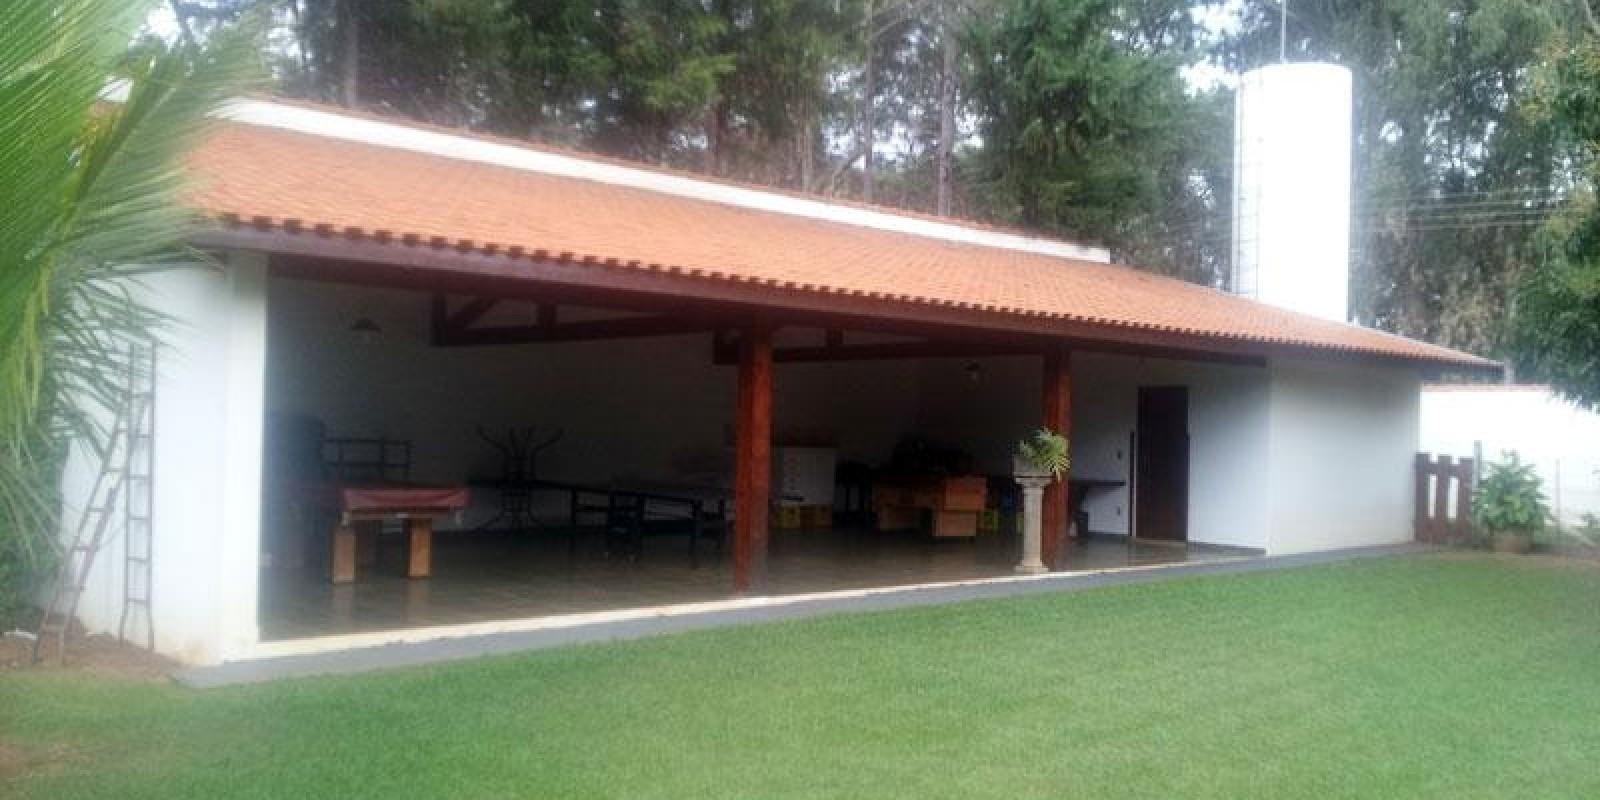 Casa na Represa Costa Azul em Avaré SP - Foto 6 de 20